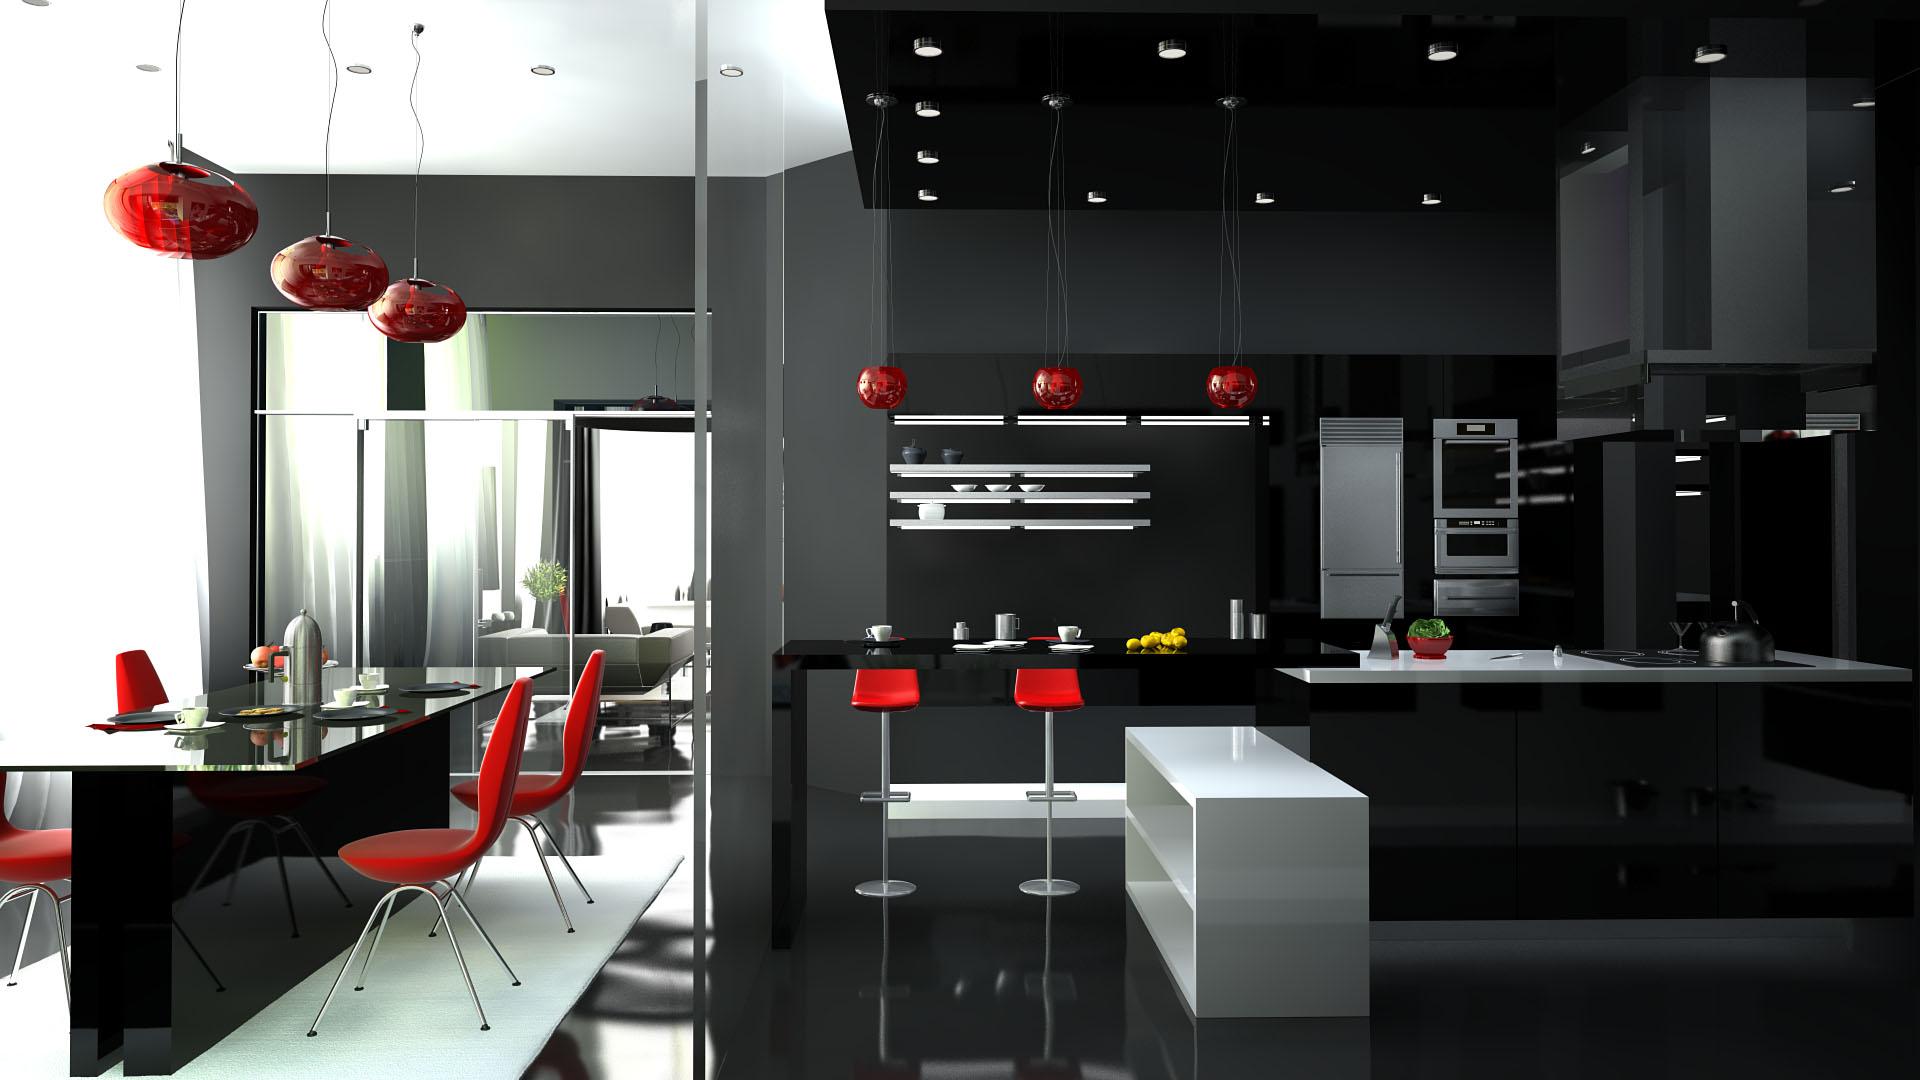 Темная кухня в стиле хай-тек с красными и белыми акцентами